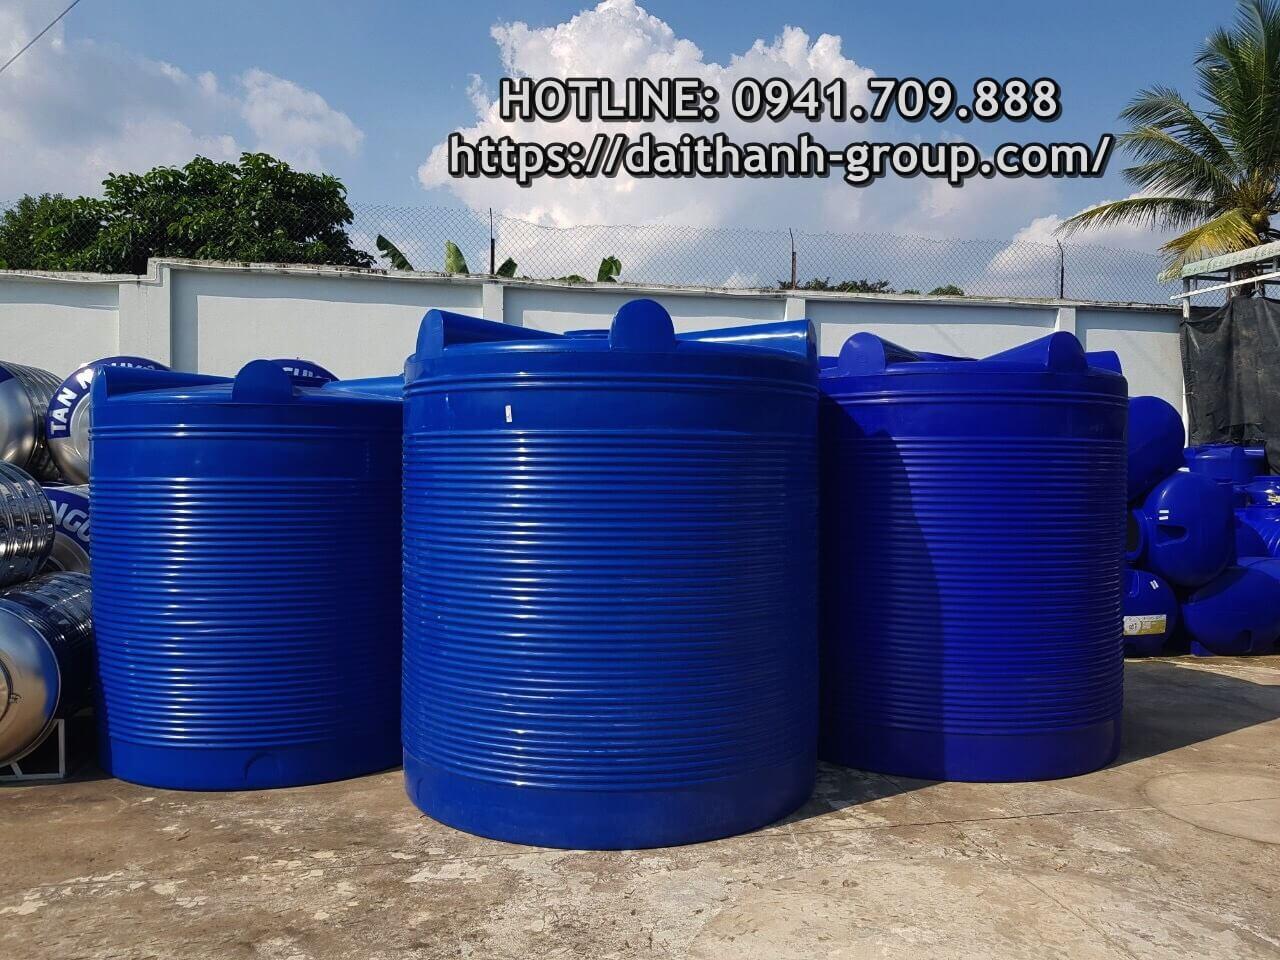 Những đặc tính nổi trội của sản phẩm bồn nước nhựa Đại Thành